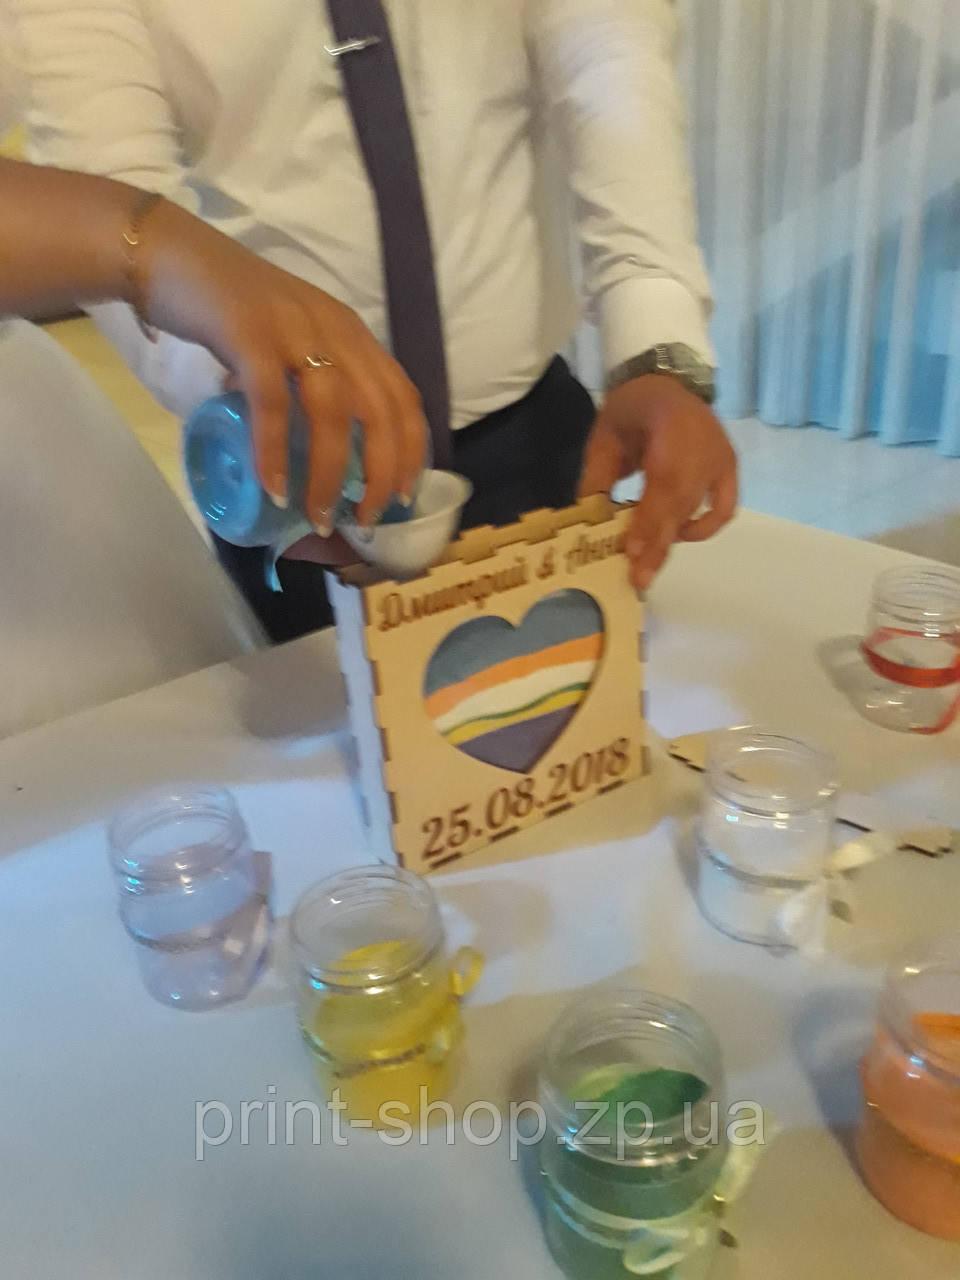 Посудина для пісочної церемонії на весілля. Весільний обряд.